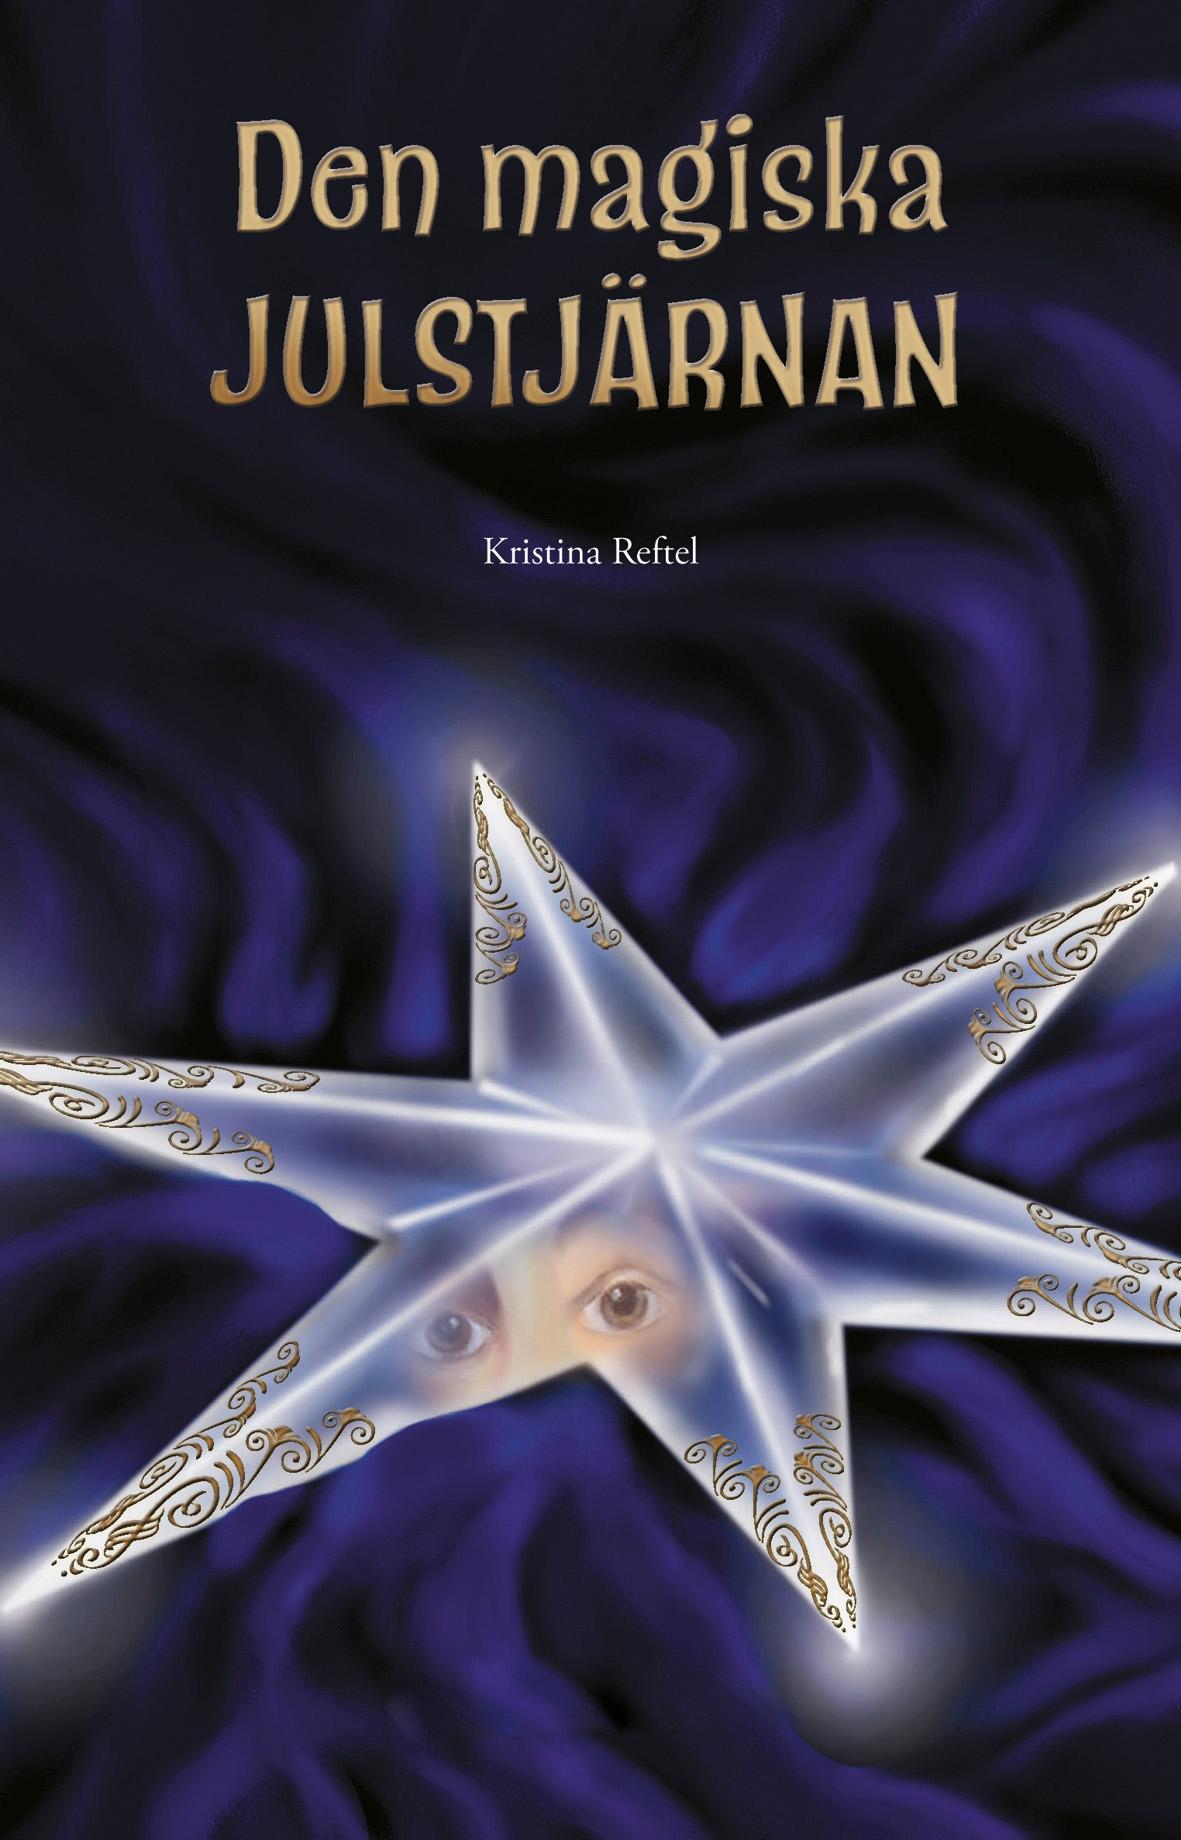 Den magiska julstjärnan av Kristina Reftel